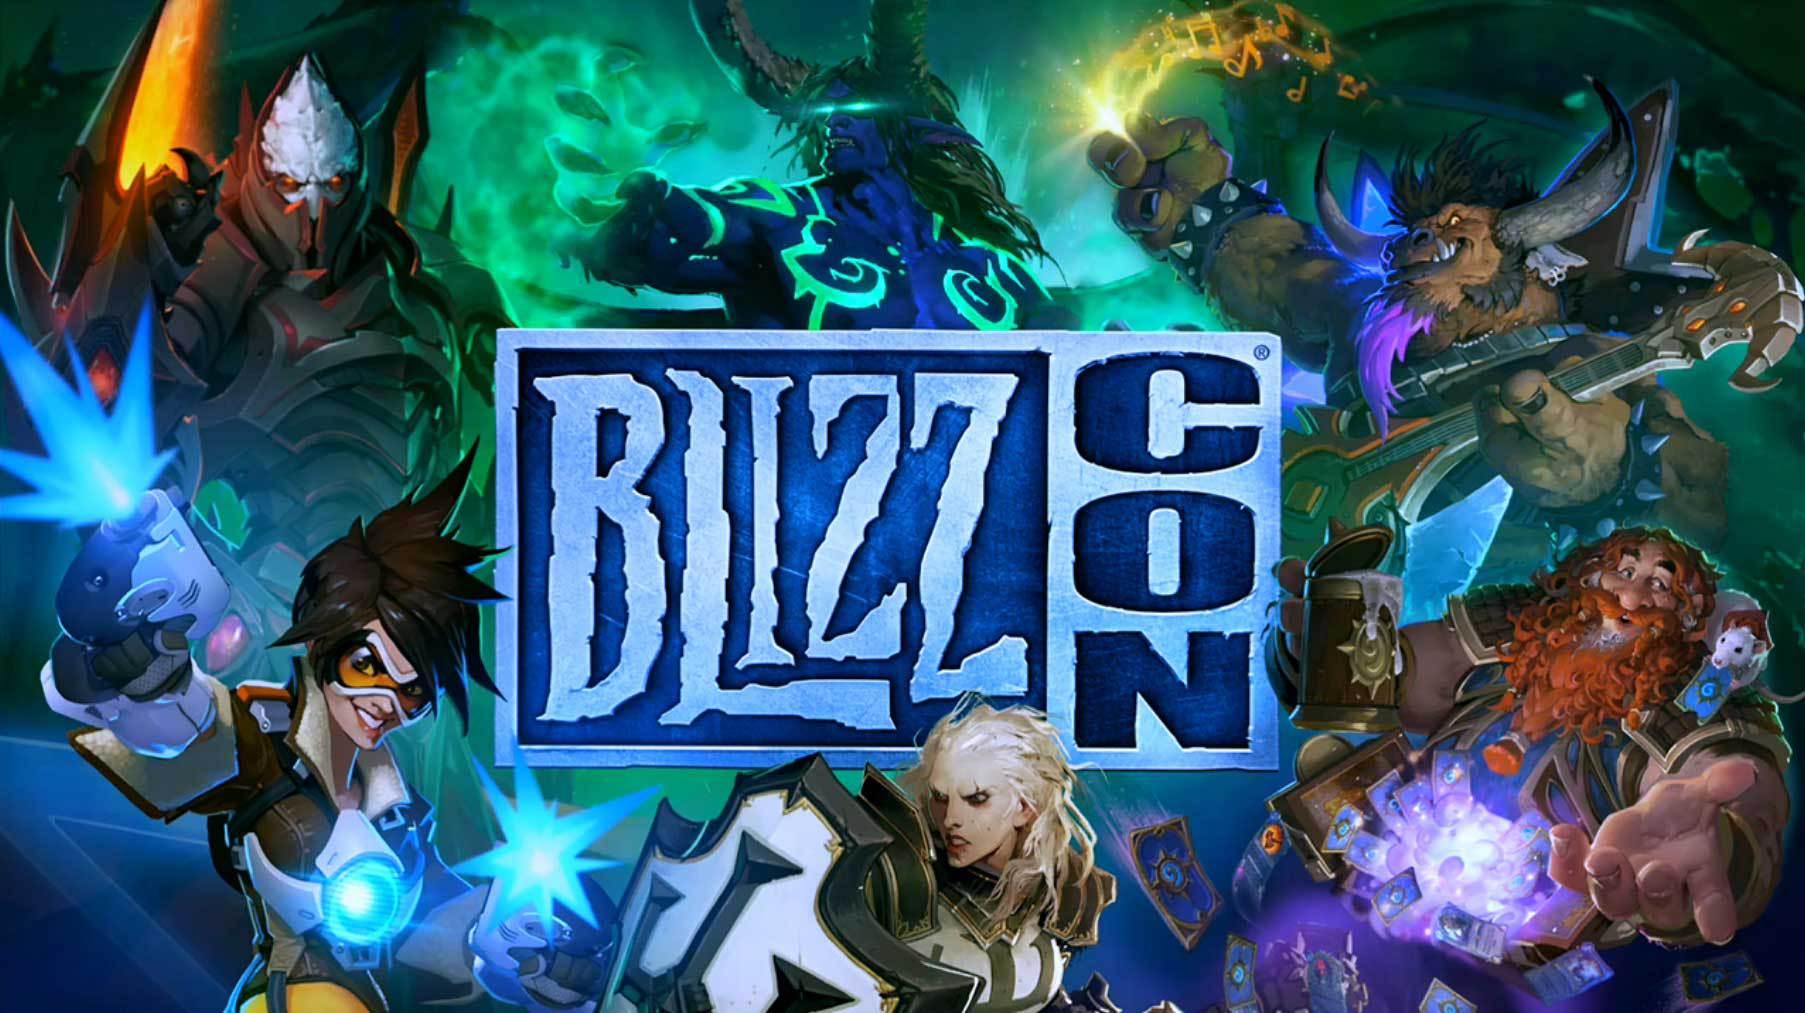 Компания Blizzard анонсировала дополнения к самым популярным играм